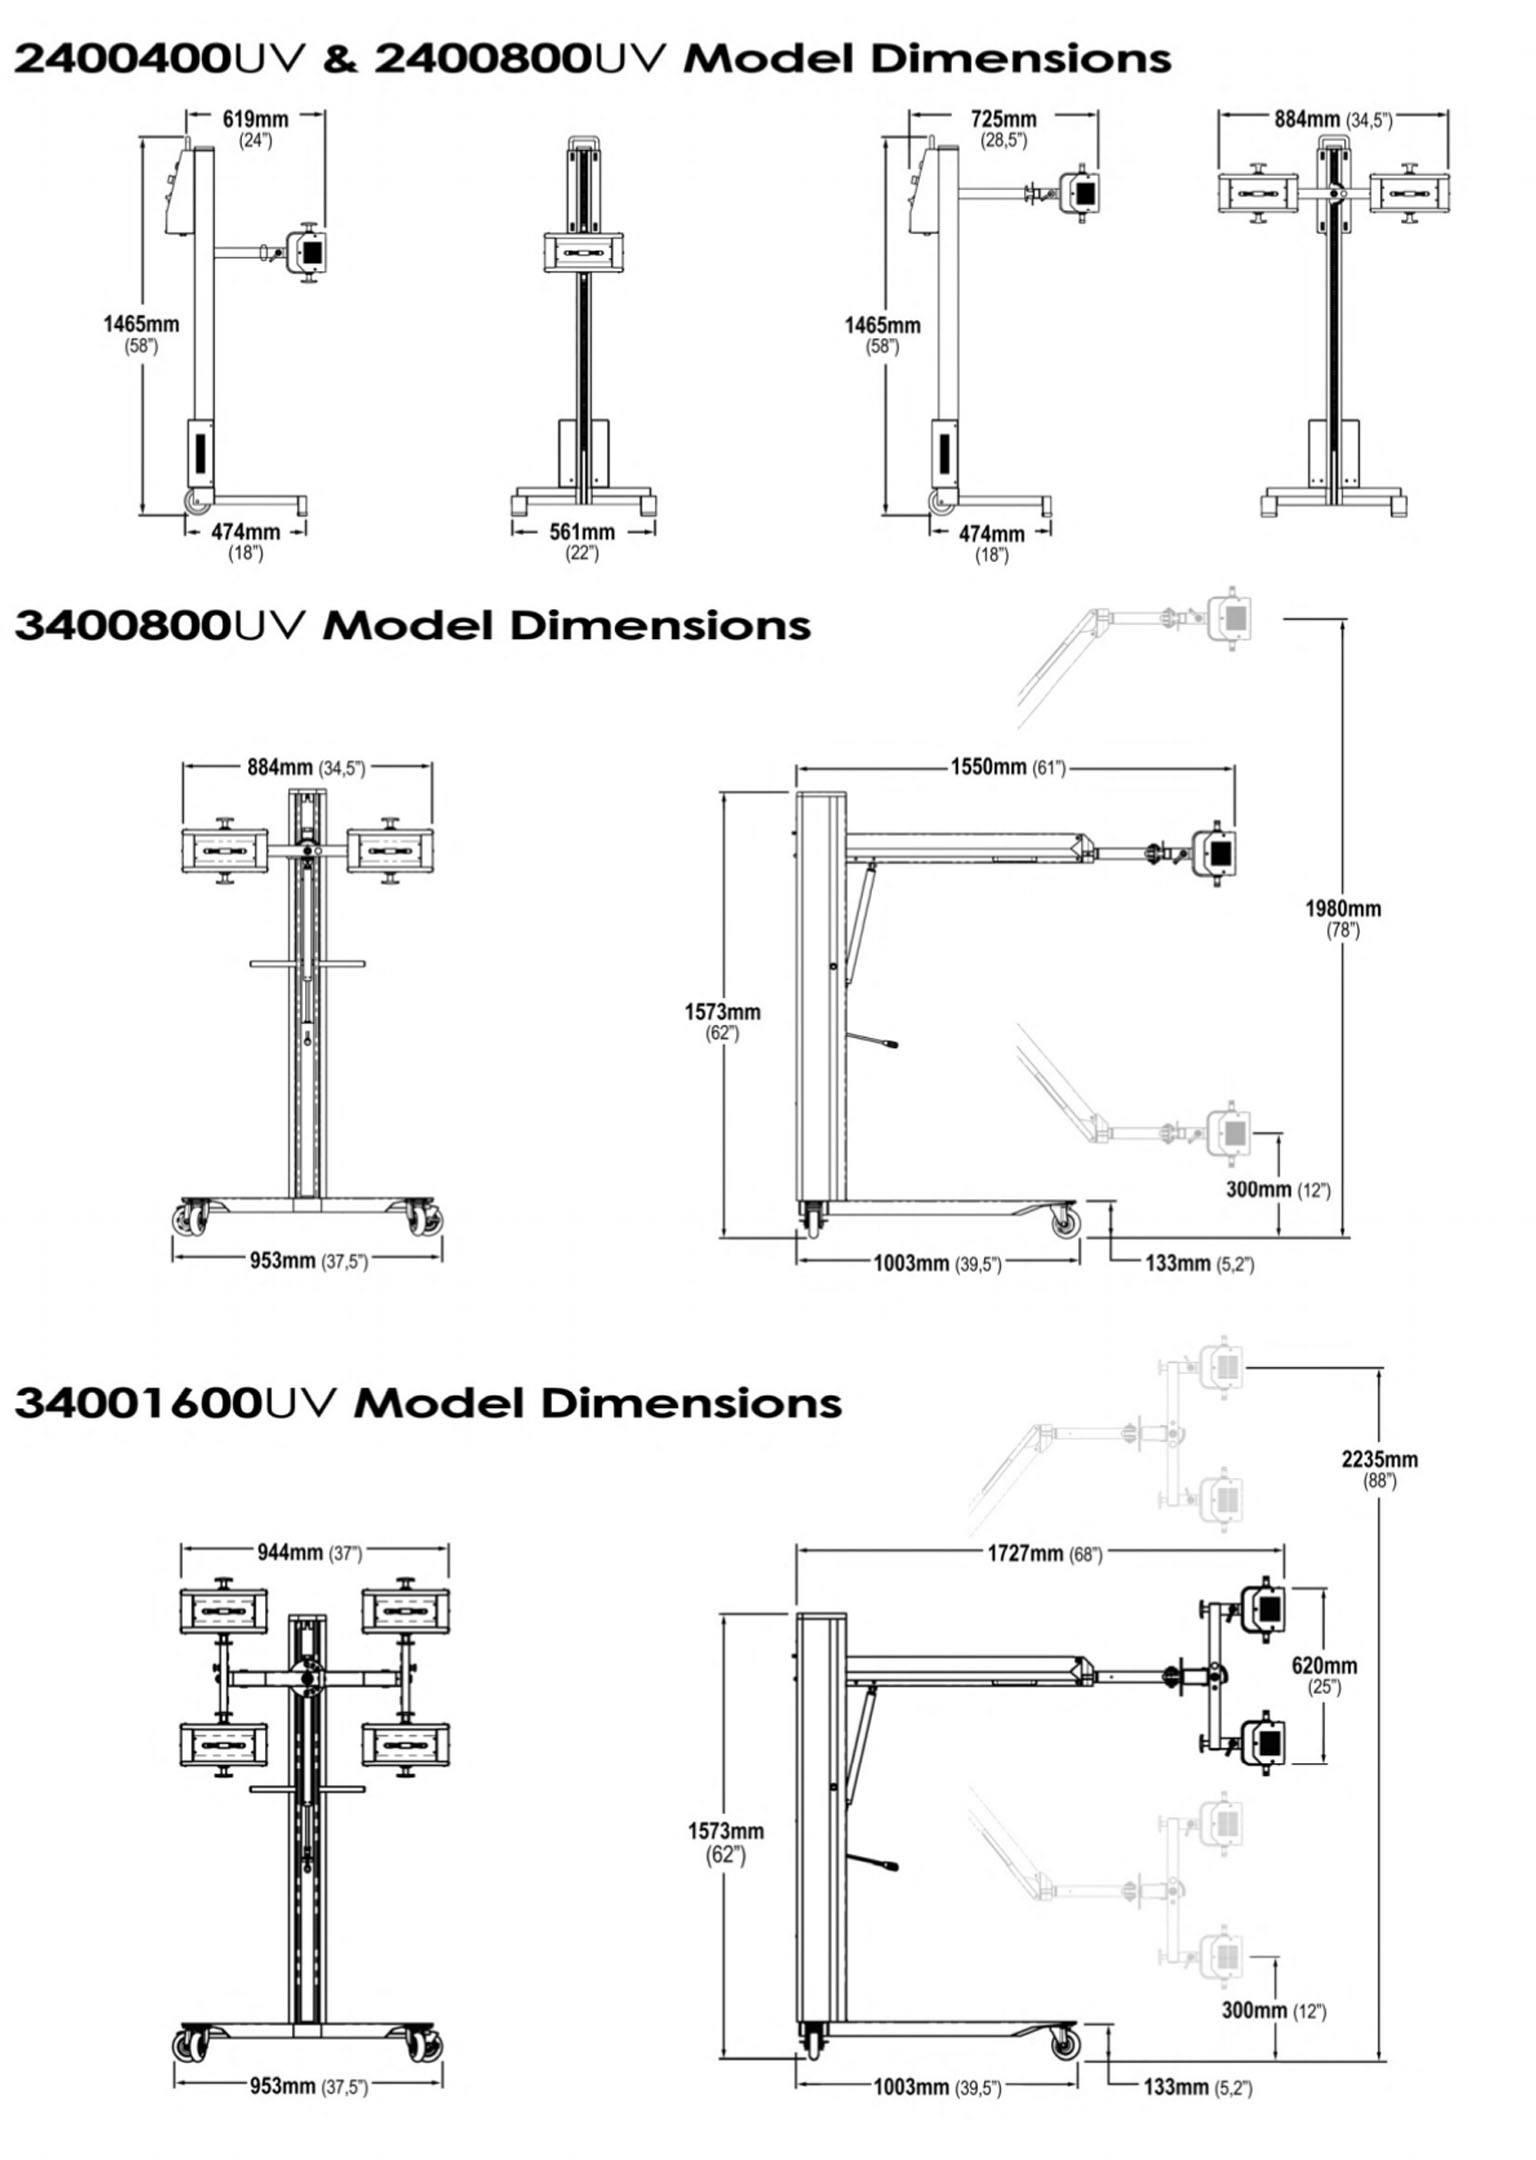 amh3400800-4.jpg